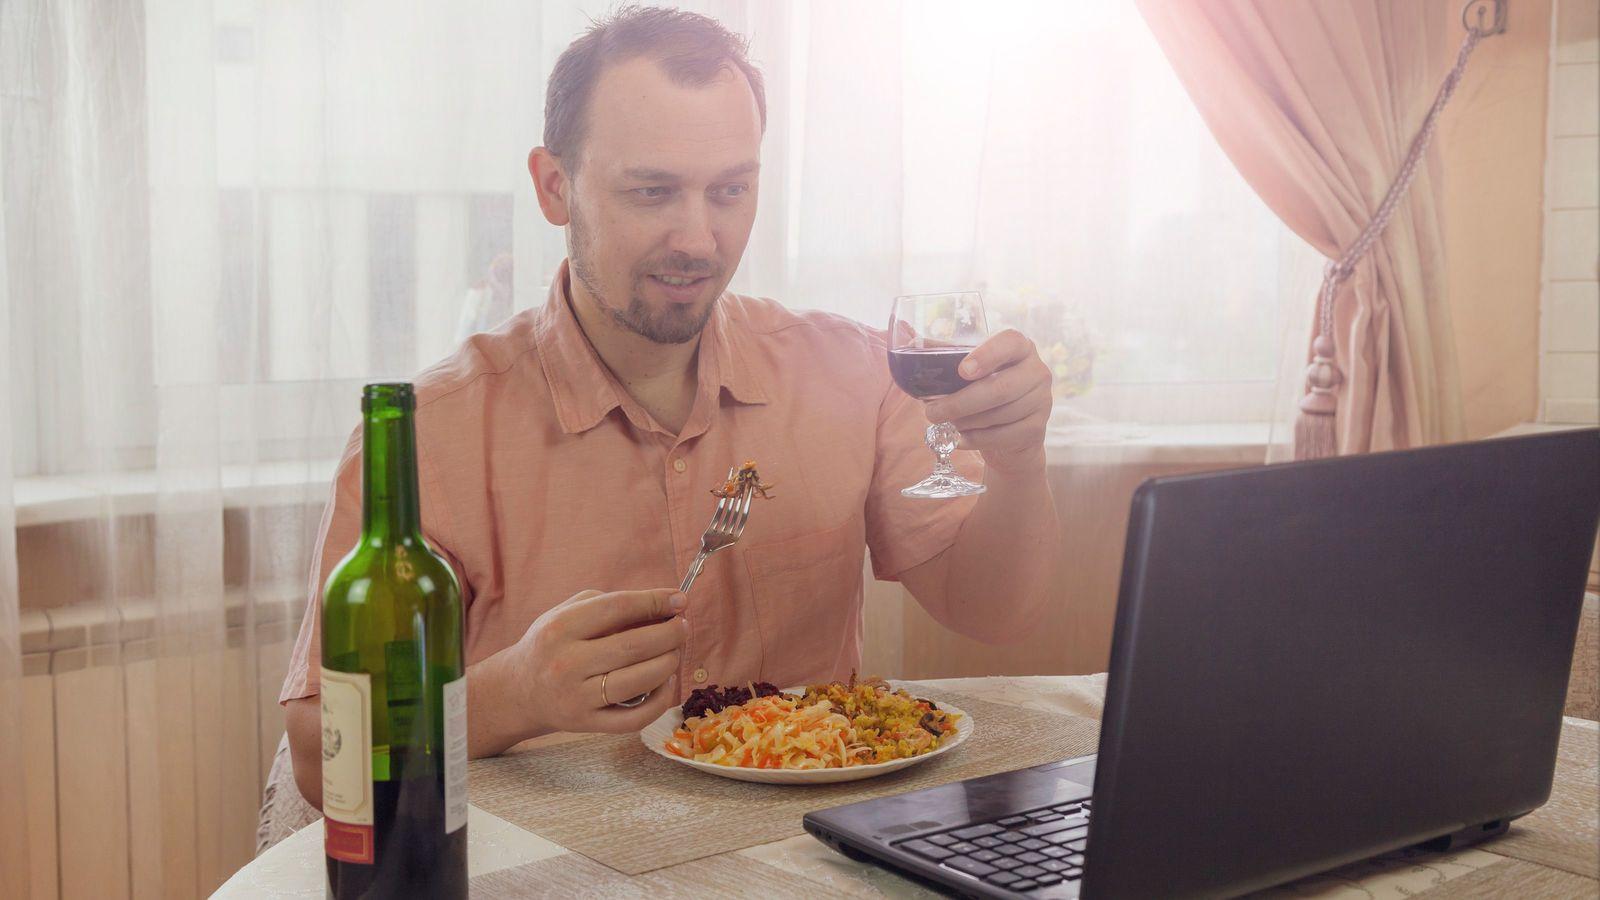 オンライン飲み会で「やってはいけない」3つのNG行動 背景に映る室内に触れてはいけない